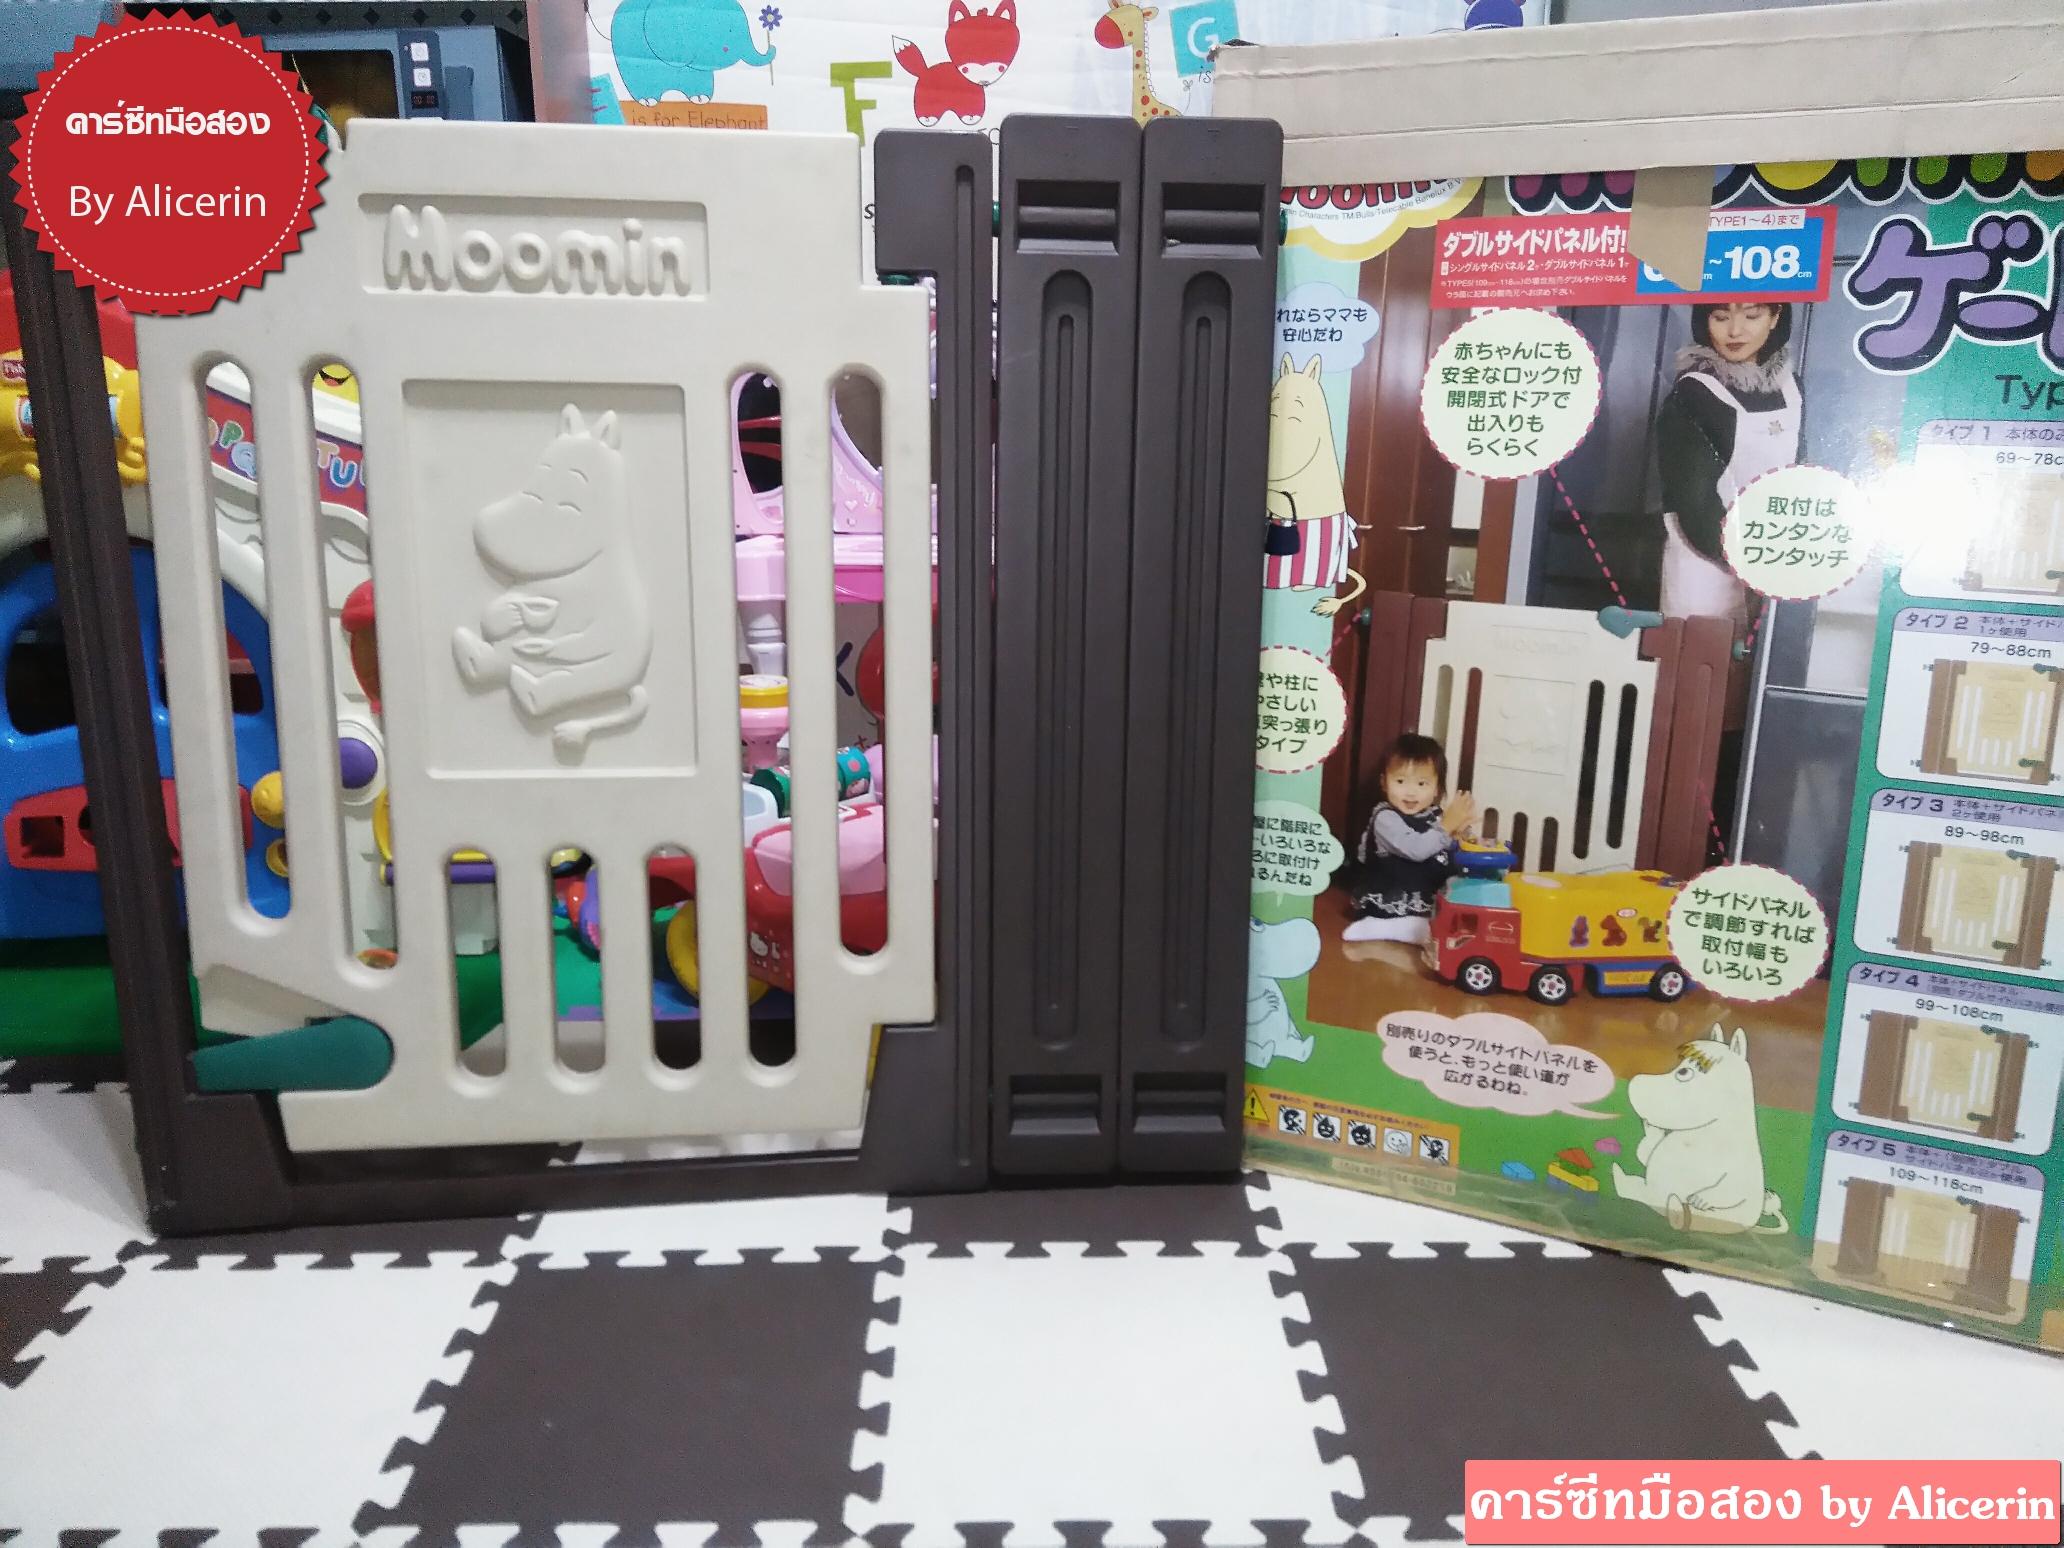 ที่กั้นประตู ที่กั้นบันได Moomin แท้ มือสองสภาพใหม่